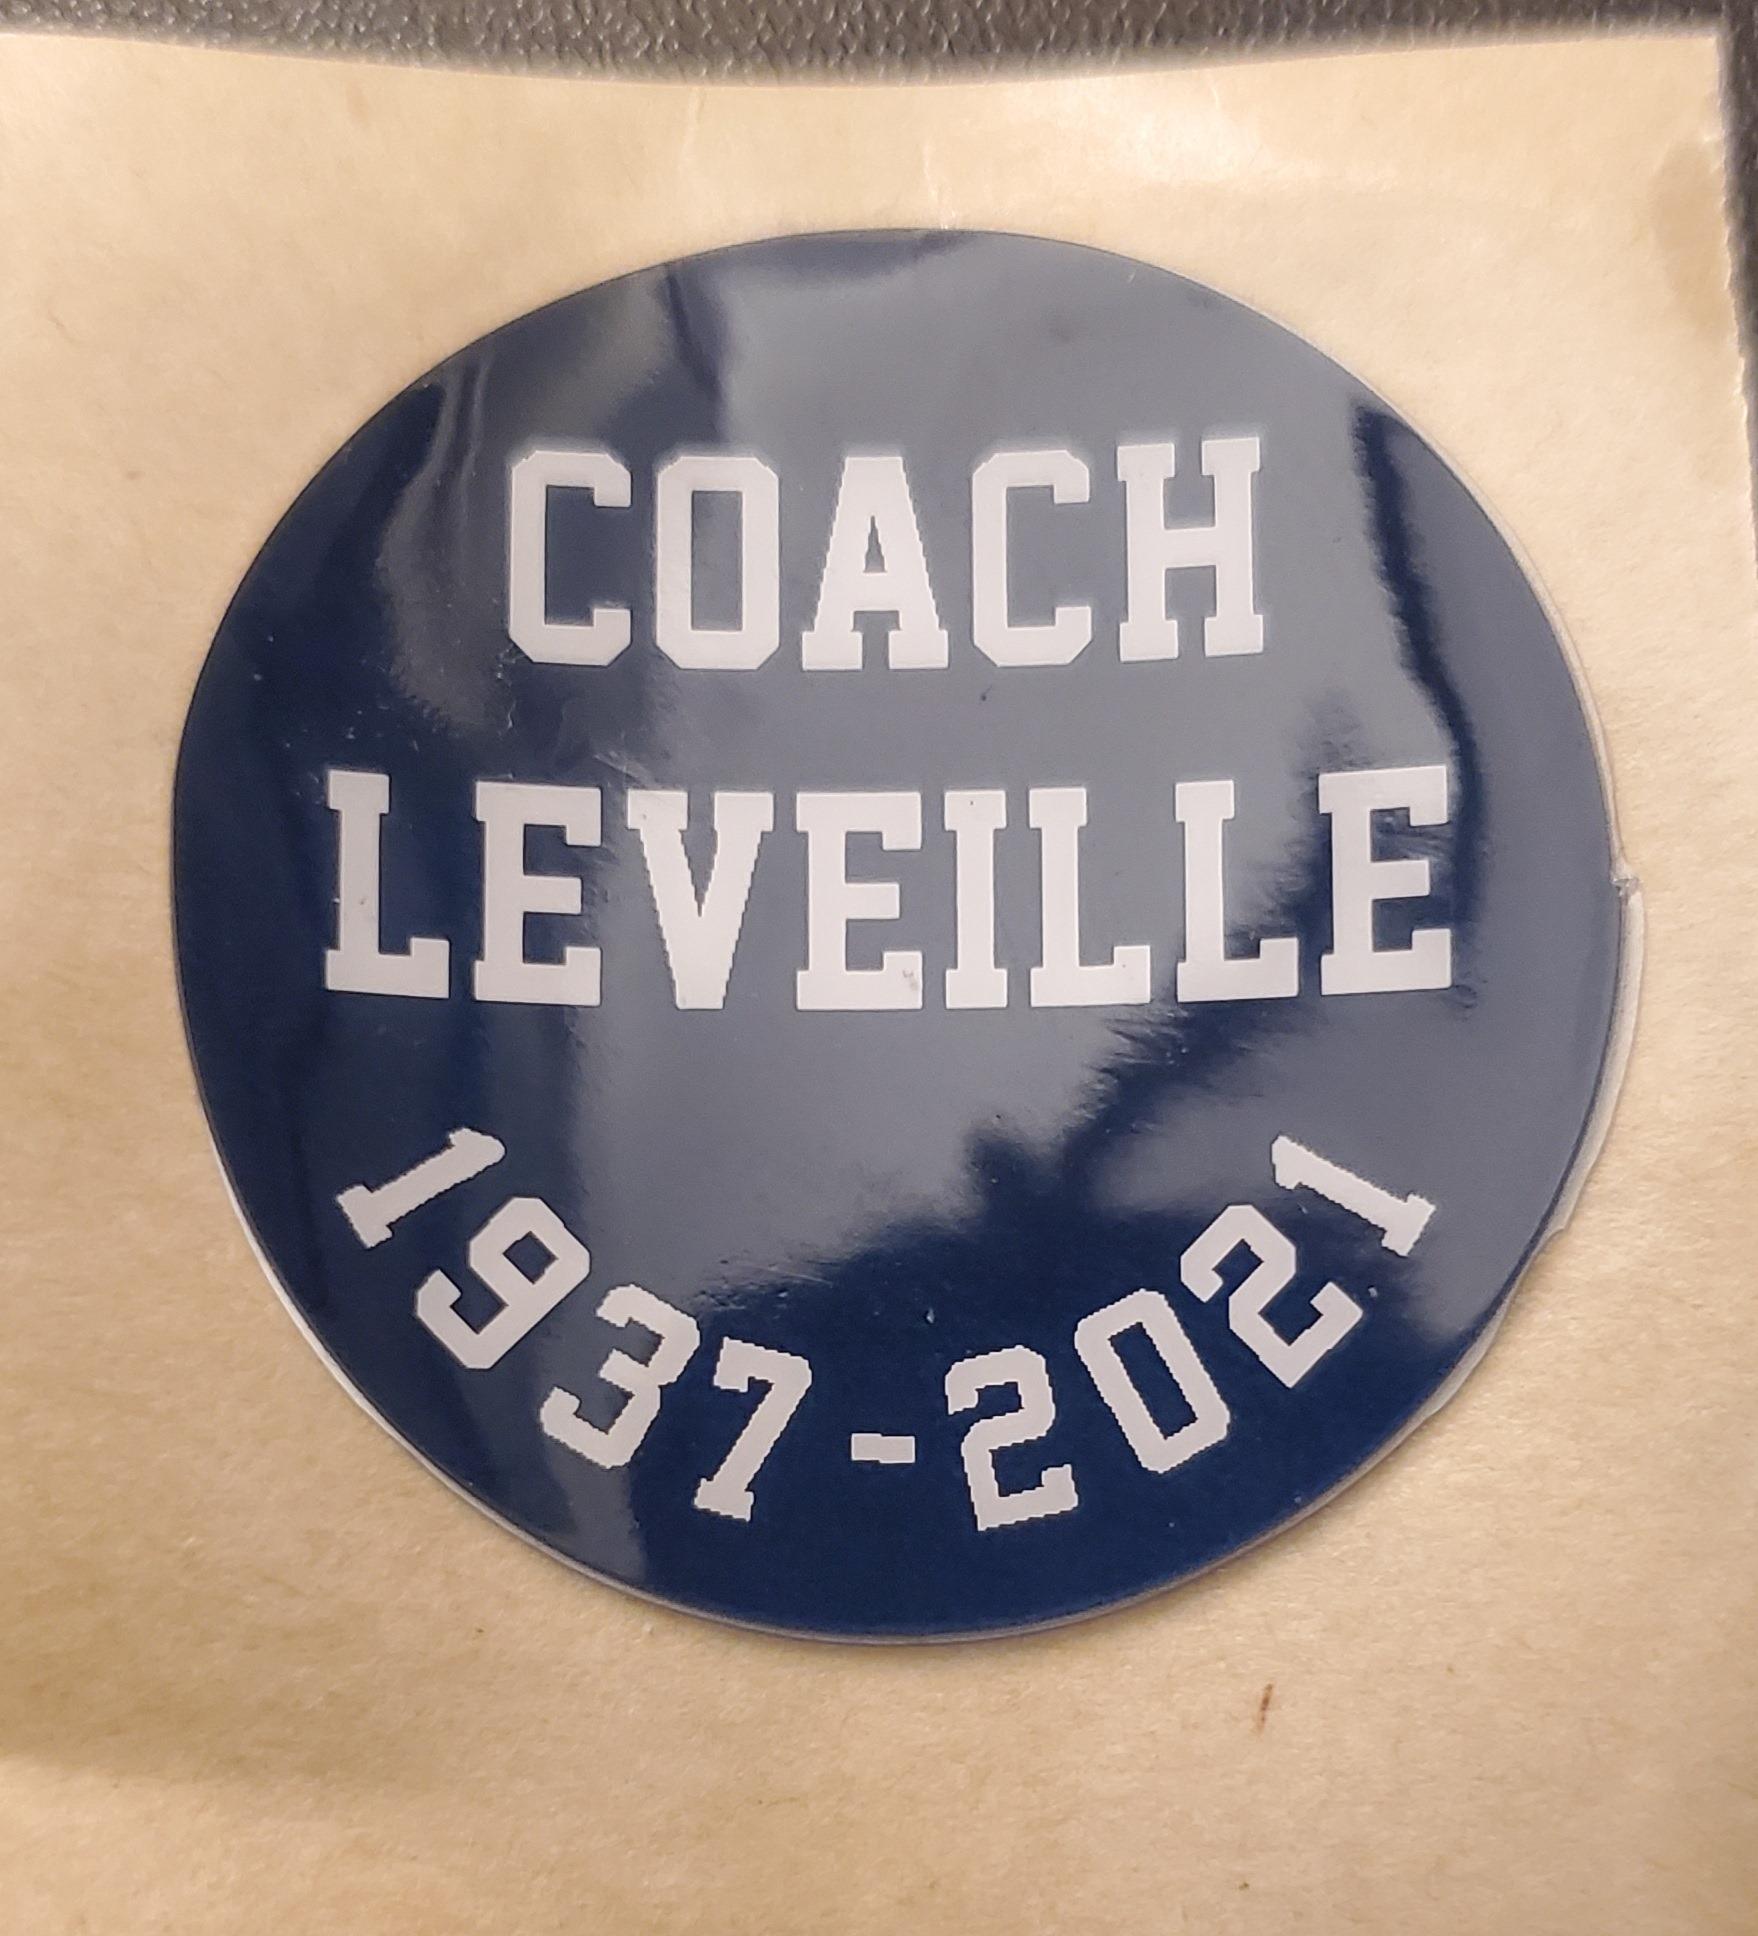 Leveille